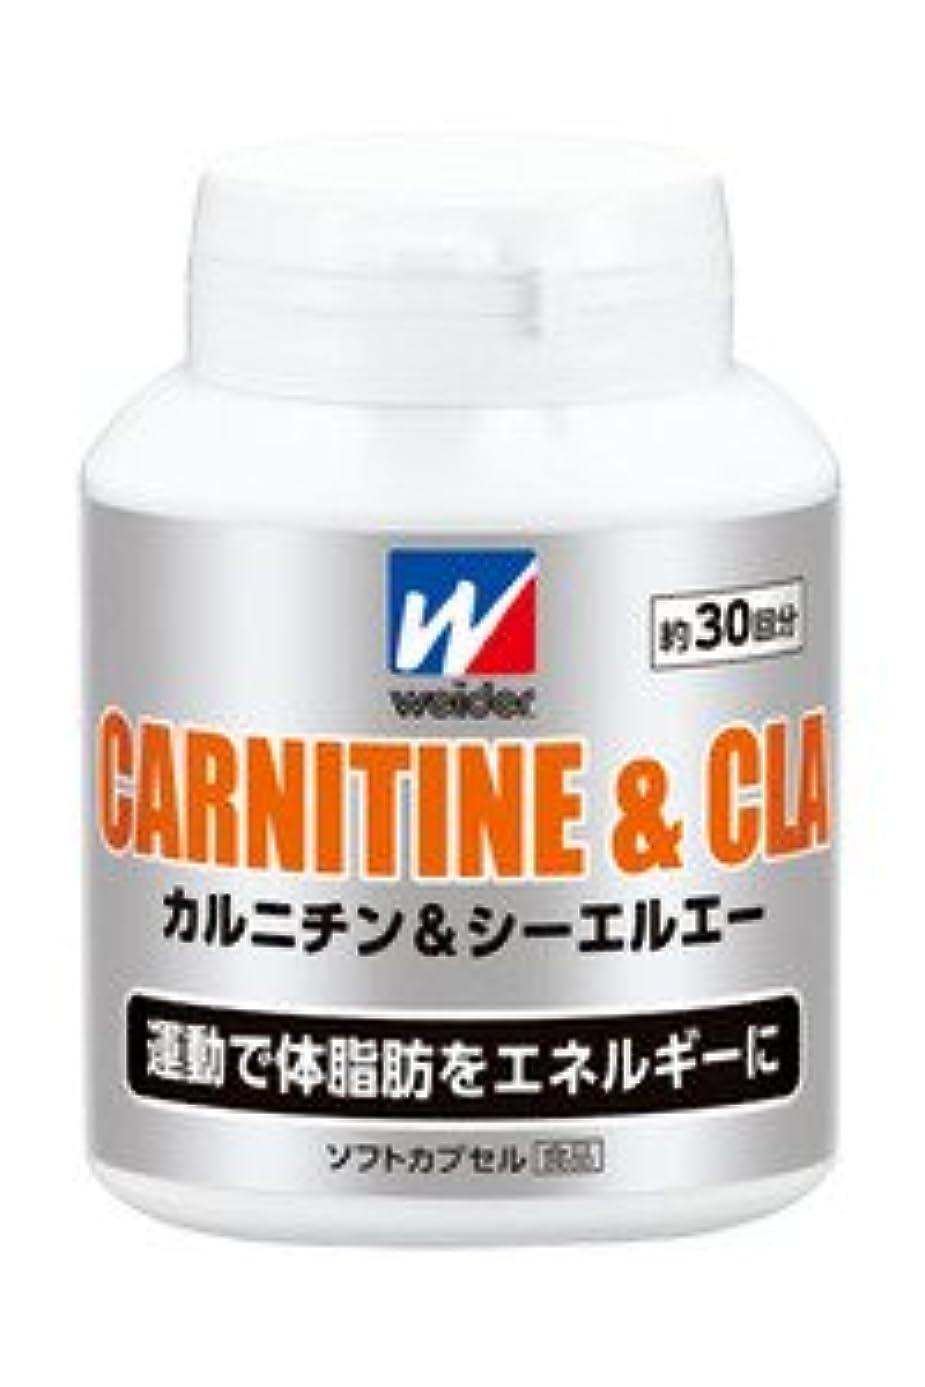 俳優鯨生物学【ウイダー (WEIDER)】 カルニチン&CLA 88g